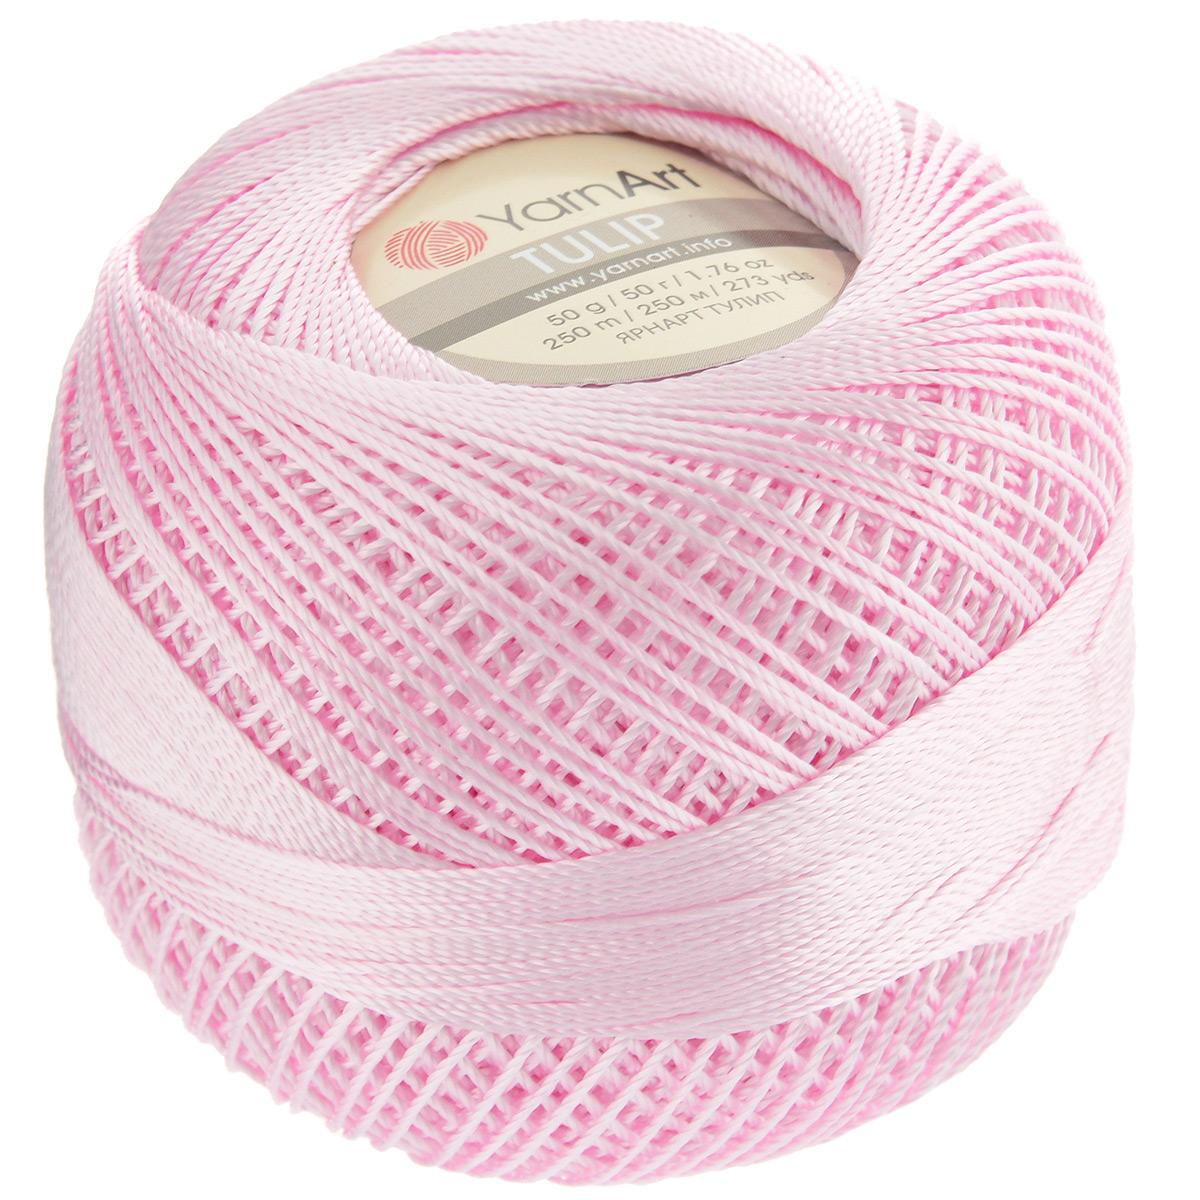 Пряжа для вязания YarnArt Tulip, цвет: бледно-розовый (415), 250 м, 50 г, 6 шт372017_415Пряжа для вязания YarnArt Tulip (Ирис) изготовлена из 100% микрофибры. Пряжа приятная на ощупь, легкая, тонкая и упругая. Хорошо смотрится практически в любых узорах, не косит, послушно ложится в узоры и спицами, и крючком. Ниточка блестящая и такими же блестящими получаются изделия из нее. Нить удобна и практична тем, что хорошо смотрится как в объемных рельефных узорах, так и в самой простой чулочной вязке. Пряжа Tulip - классический вариант демисезонной пряжи, идеальна для создания летней одежды, купальников, аксессуаров, бижутерии, салфеток, ирландского кружева, жгутов и т.д. Нежная текстура ниток подходит для создания одежды детям. Изделия получаются легкими, не деформируются и не вытягиваются ни при вязании, ни при последующей носке. Микрофибра гипоаллергенна, поэтому вязаные вещи подходят даже для чувствительной кожи. Богатая цветовая гамма однотонных и меланжевых расцветок порадует рукодельниц и удовлетворит даже самых взыскательных модниц. Нить очень...